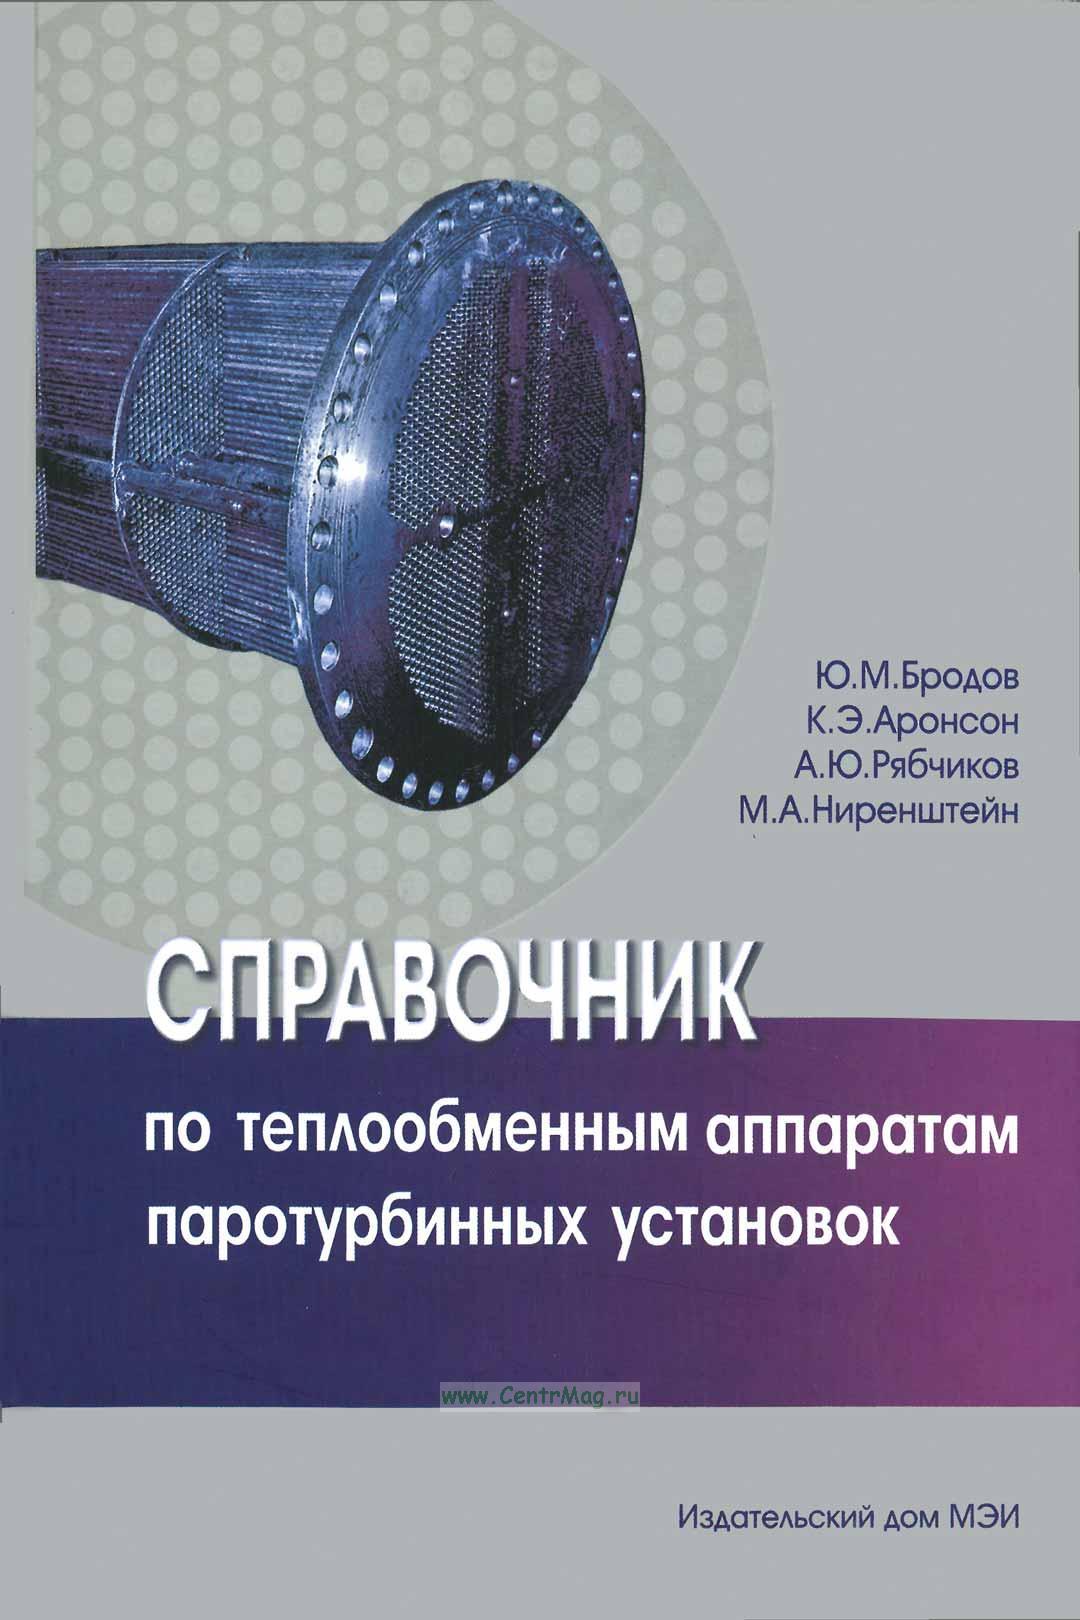 Учебник по теплообменникам Кожухотрубный испаритель WTK QCE 1223 Улан-Удэ